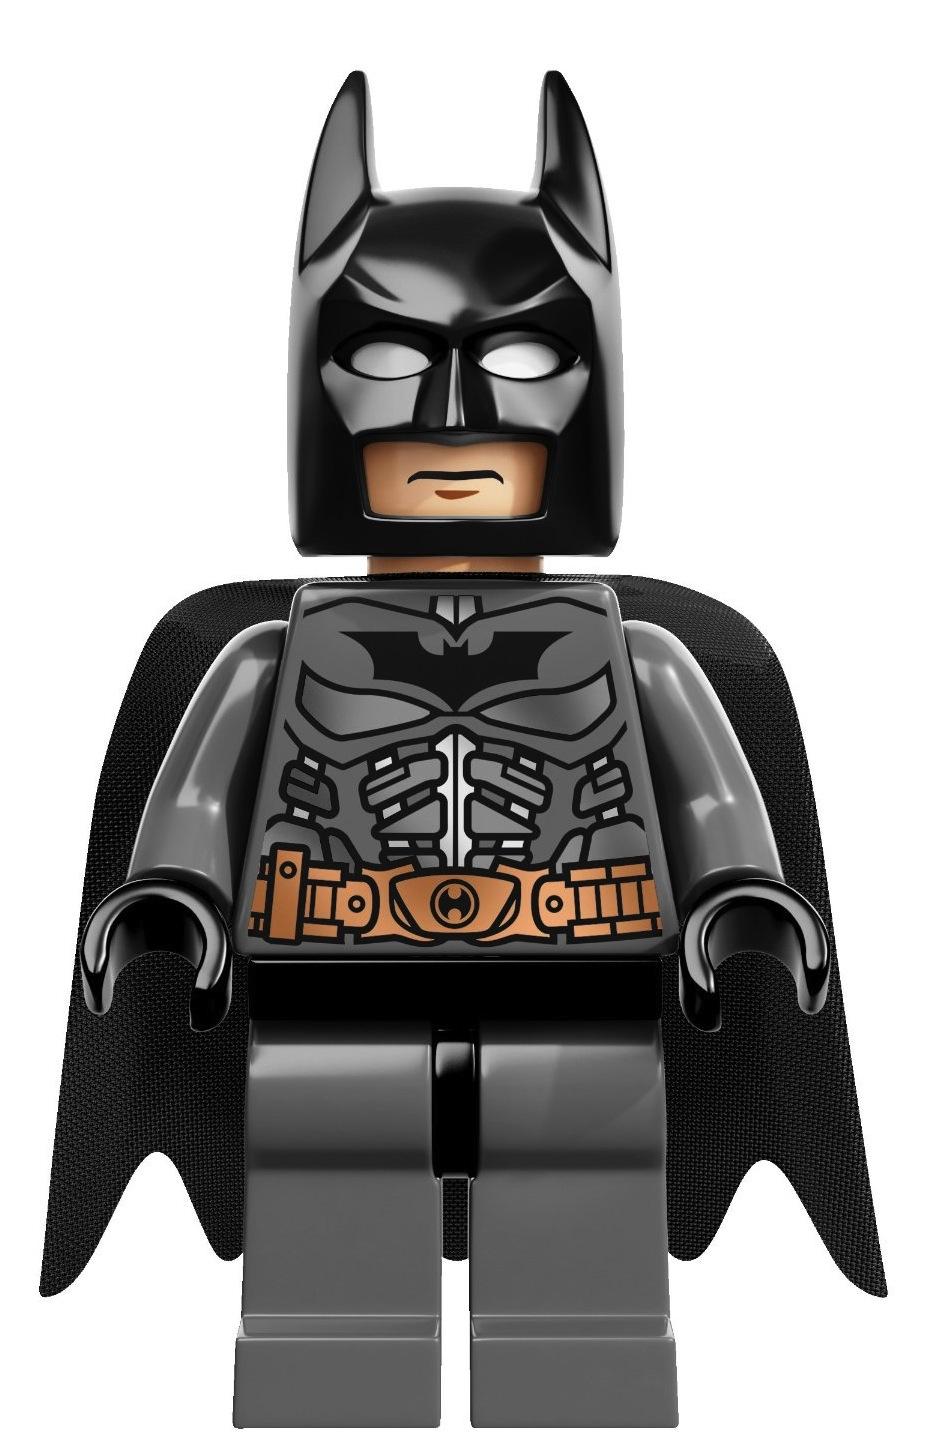 Joker clipart lego Includes Batman Bat super LEGO